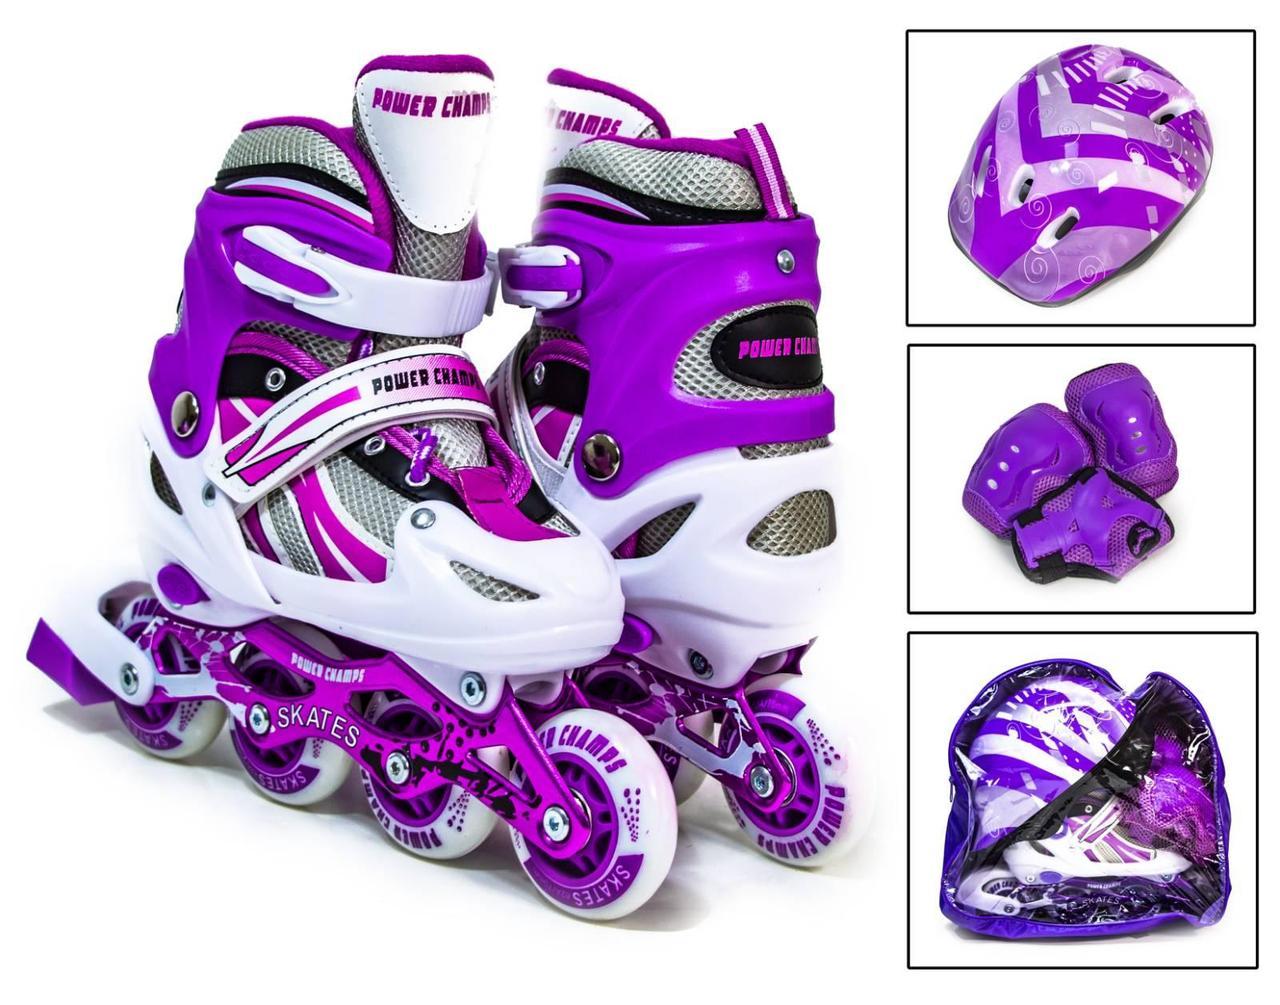 Комплект роликом детский Power Champs фиолетовый с защитой и шлемом, размер 34-37